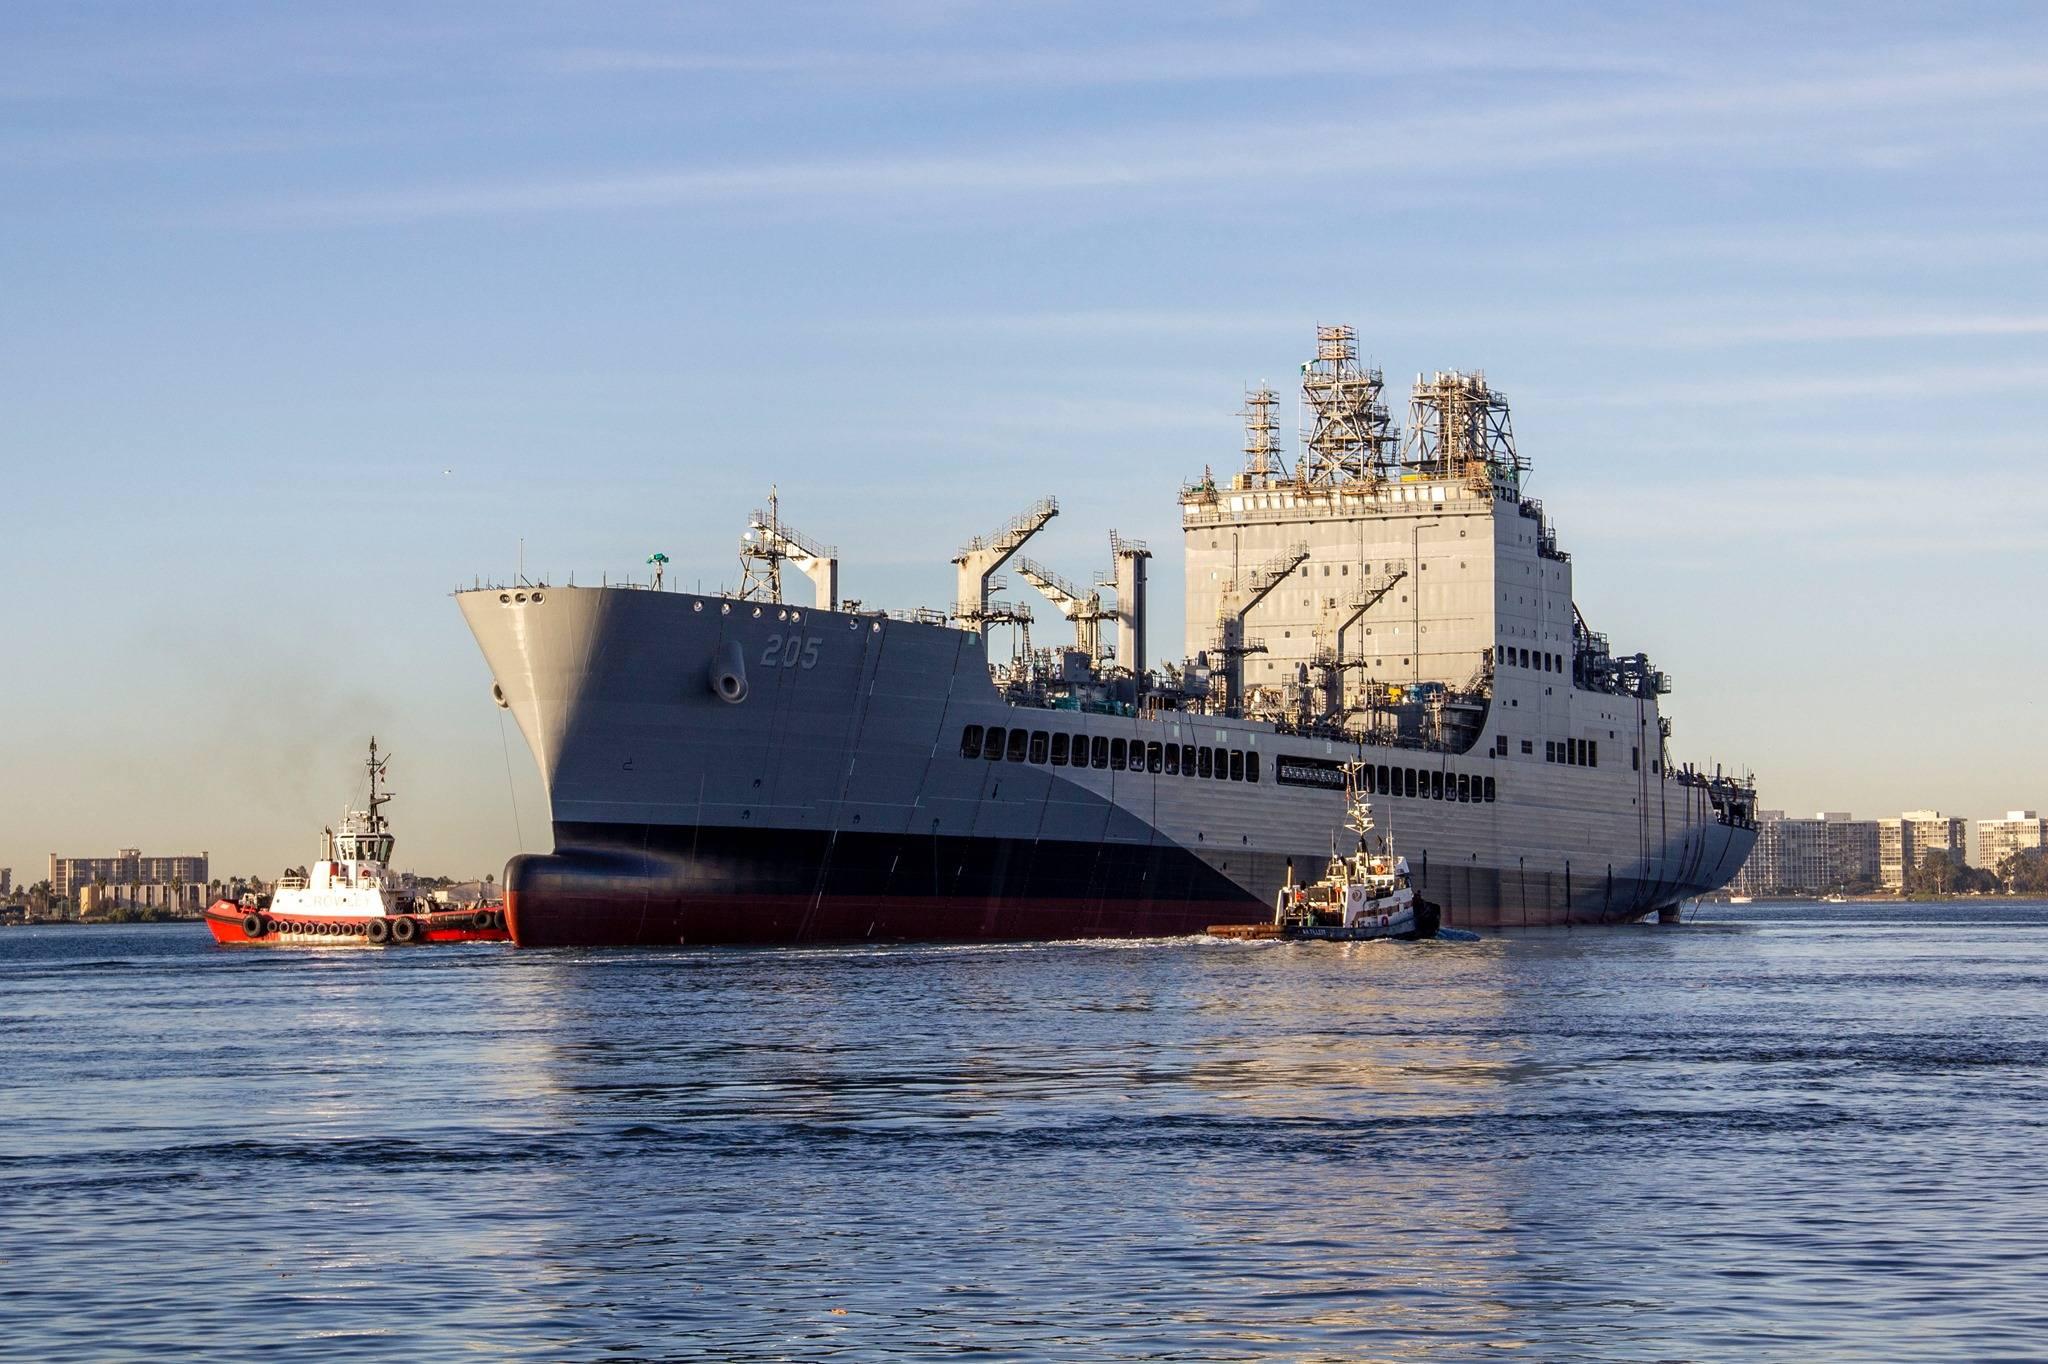 美国海军又一艘5万吨巨舰下水,要造20艘,航母战斗群必不可少